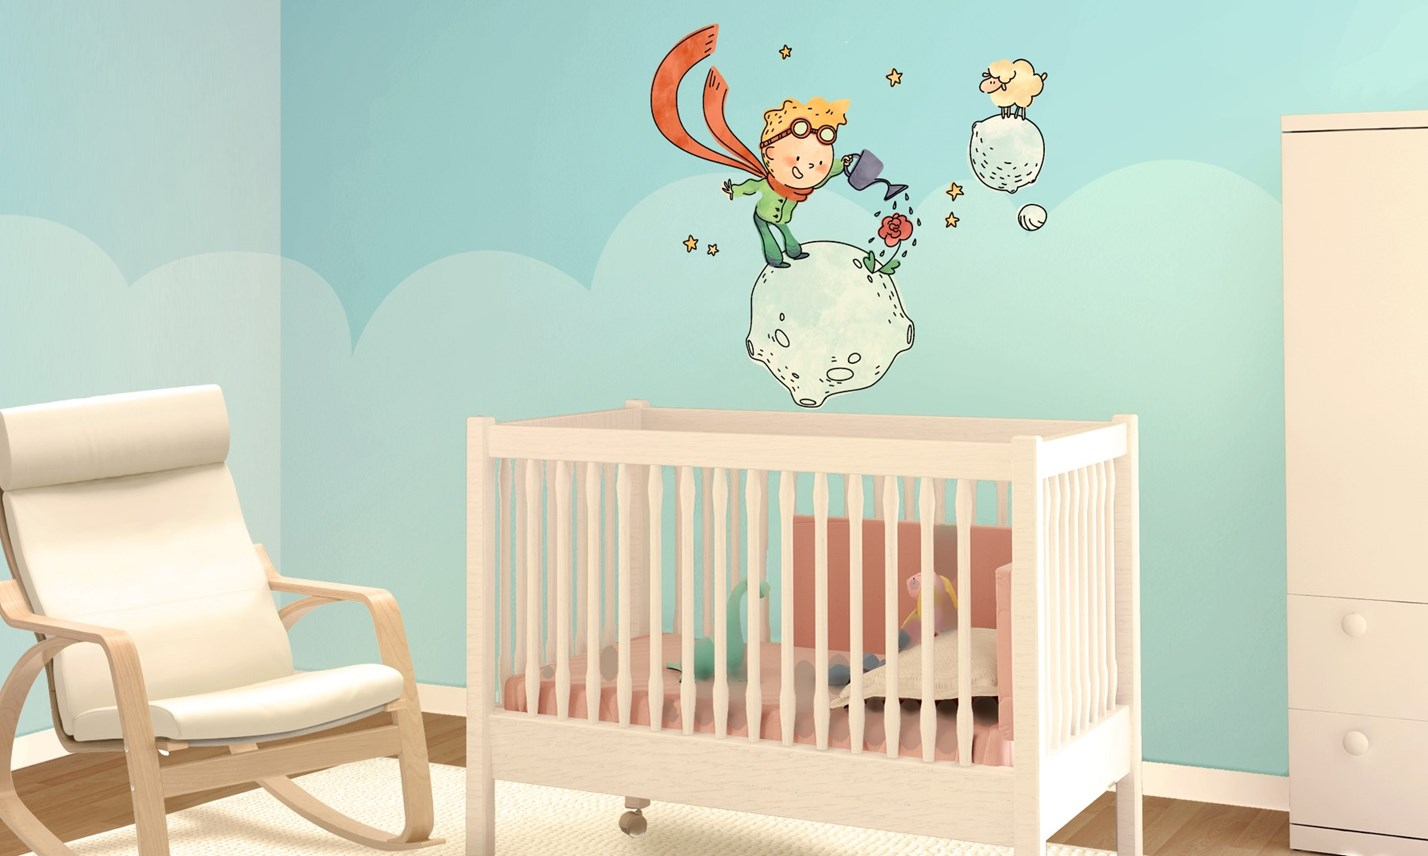 Excellent decora le pareti della stanza del tuo bambino for Decorare una stanza per bambini